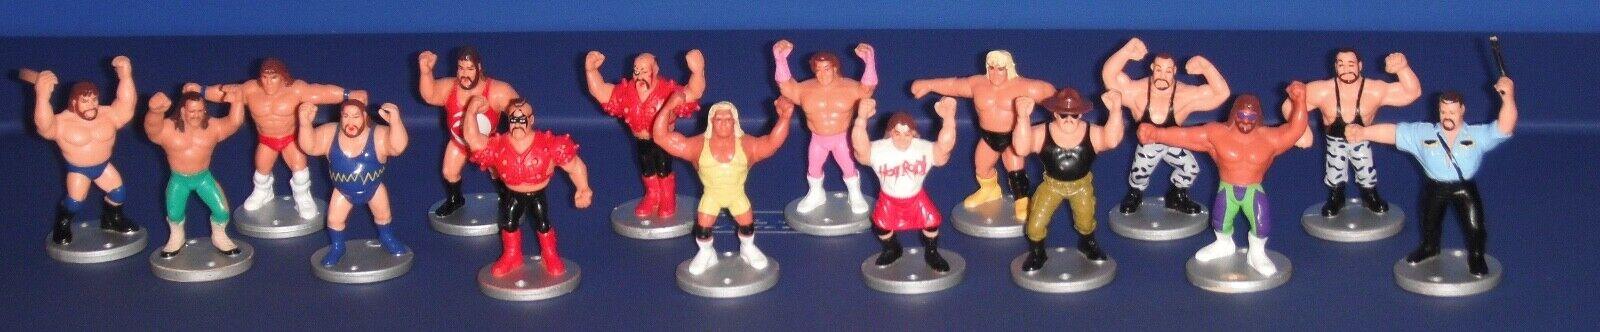 Hasbro WWF WWE 1990s Vintage RUMBLE PVC  Wrestling 2.5  Mini cifras Lot of 16  consegna veloce e spedizione gratuita per tutti gli ordini